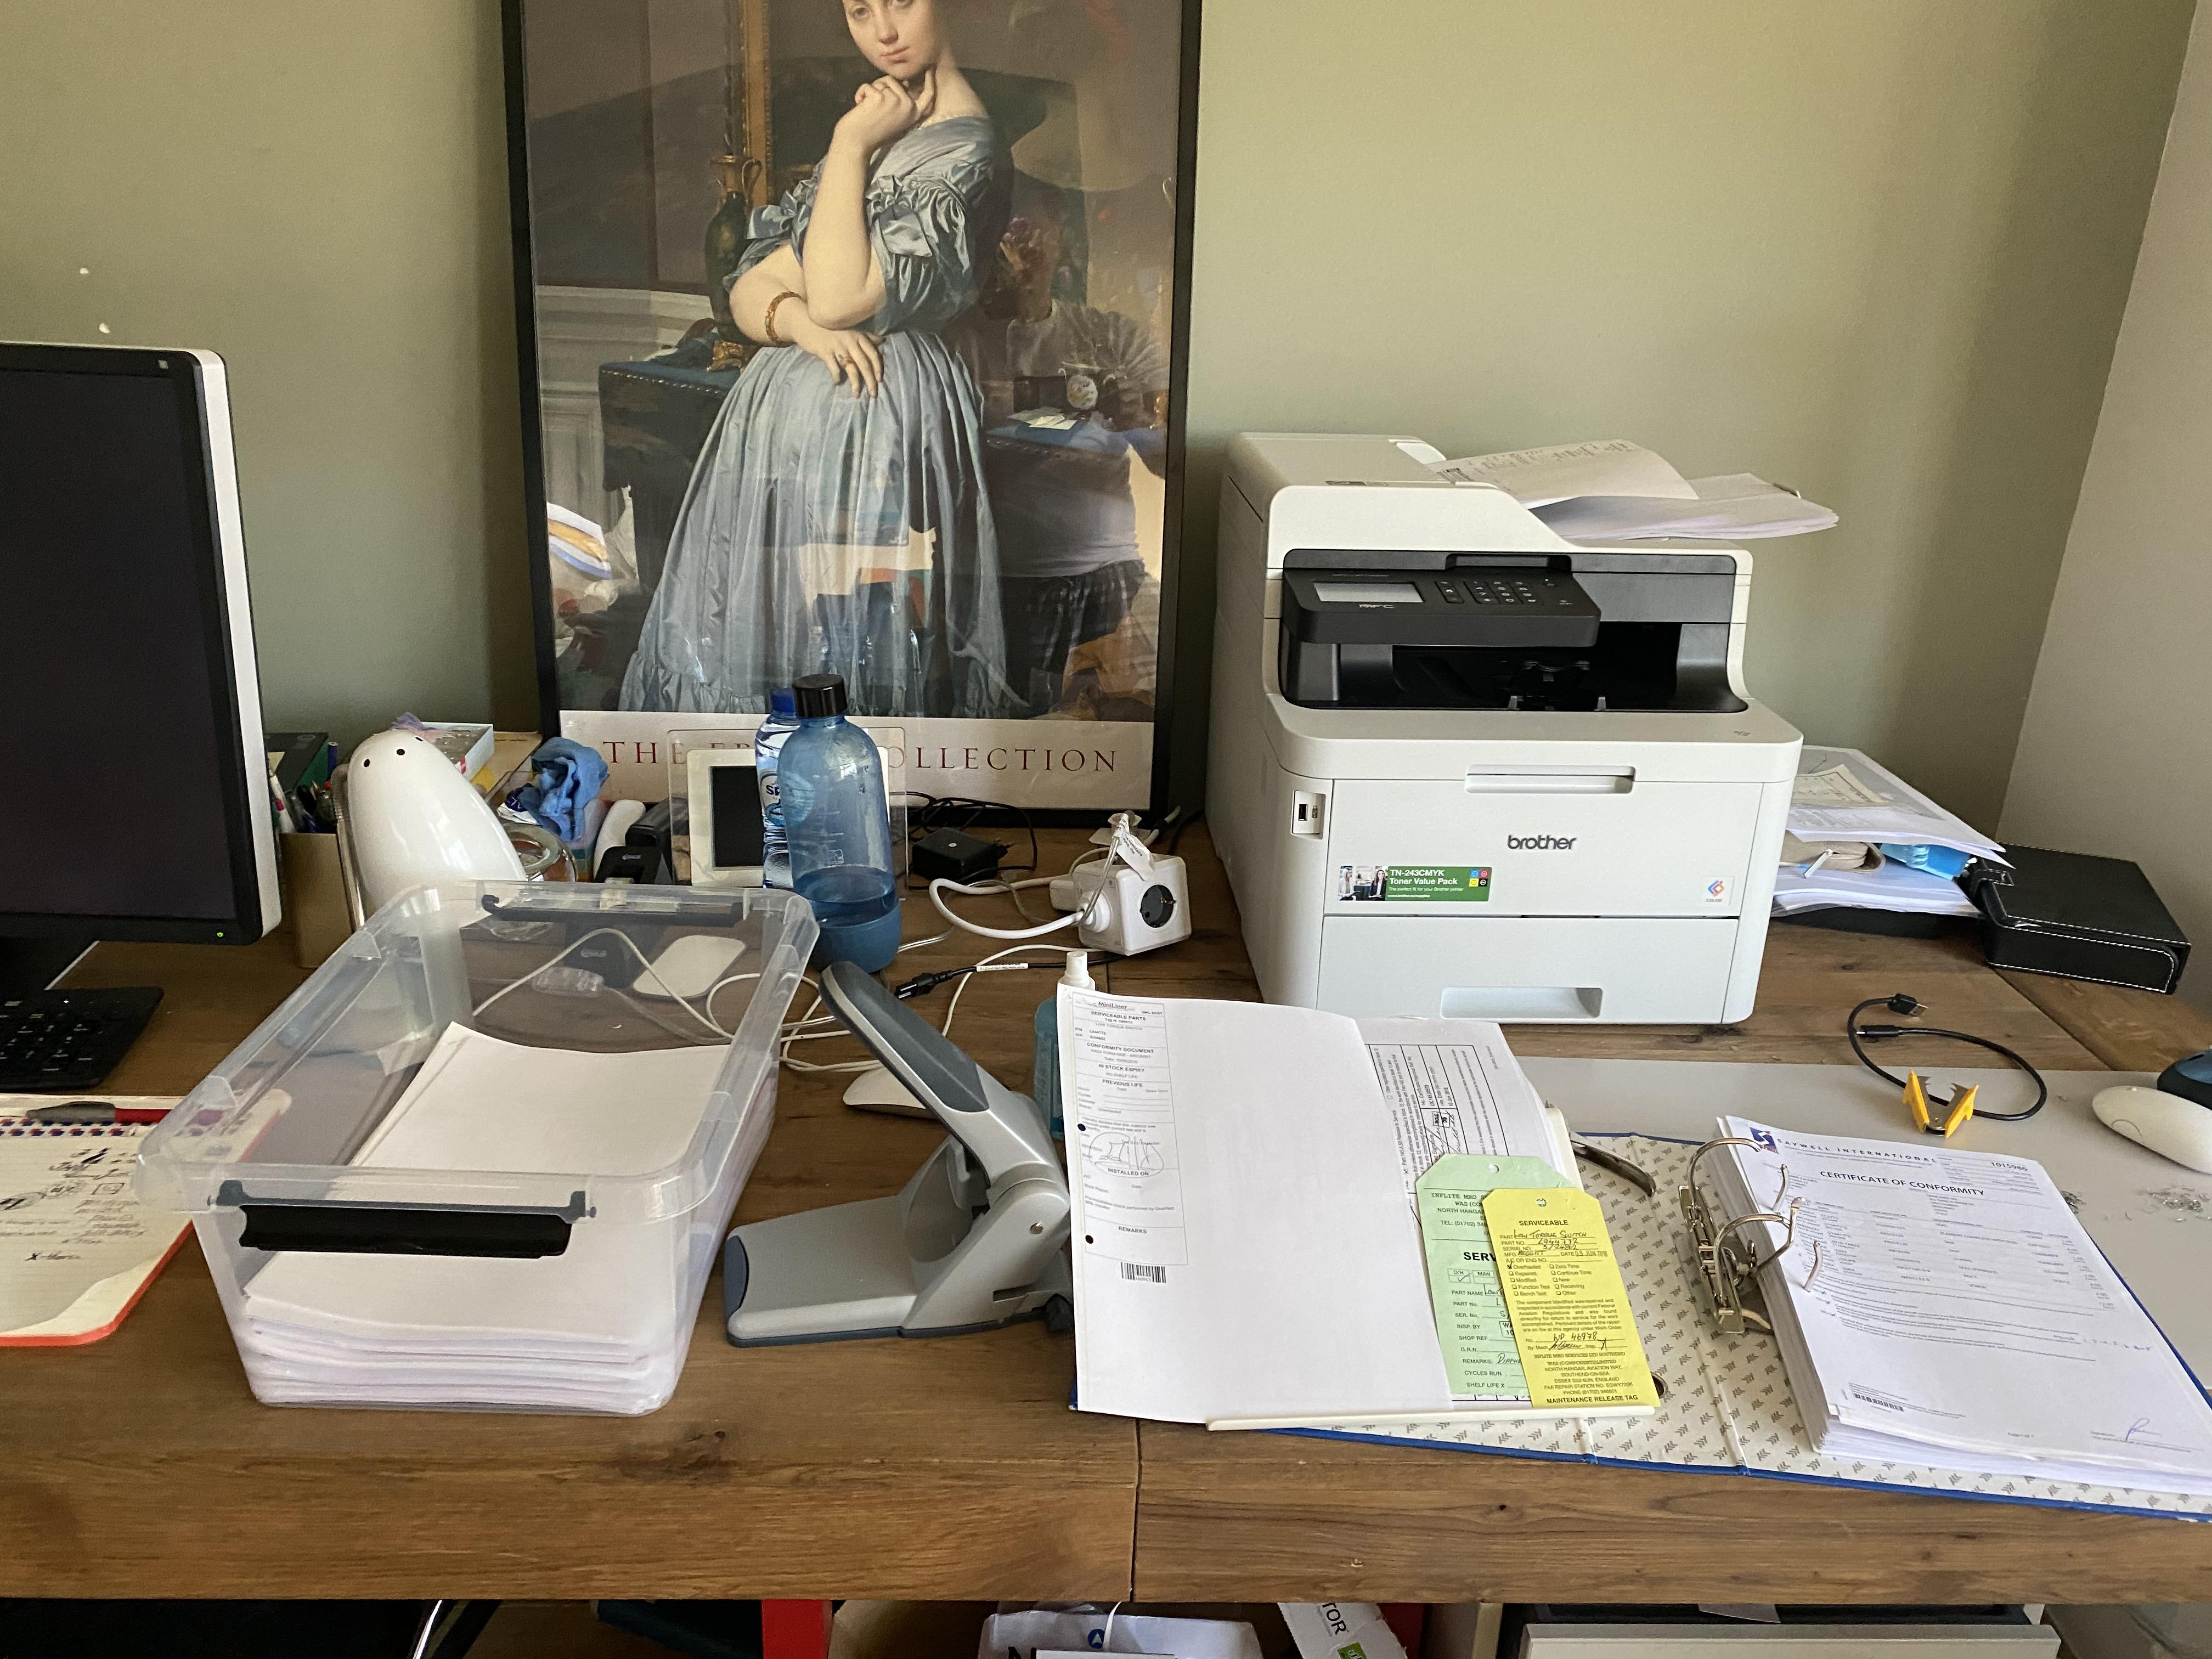 Het proces van inventariseren van 50000 documenten